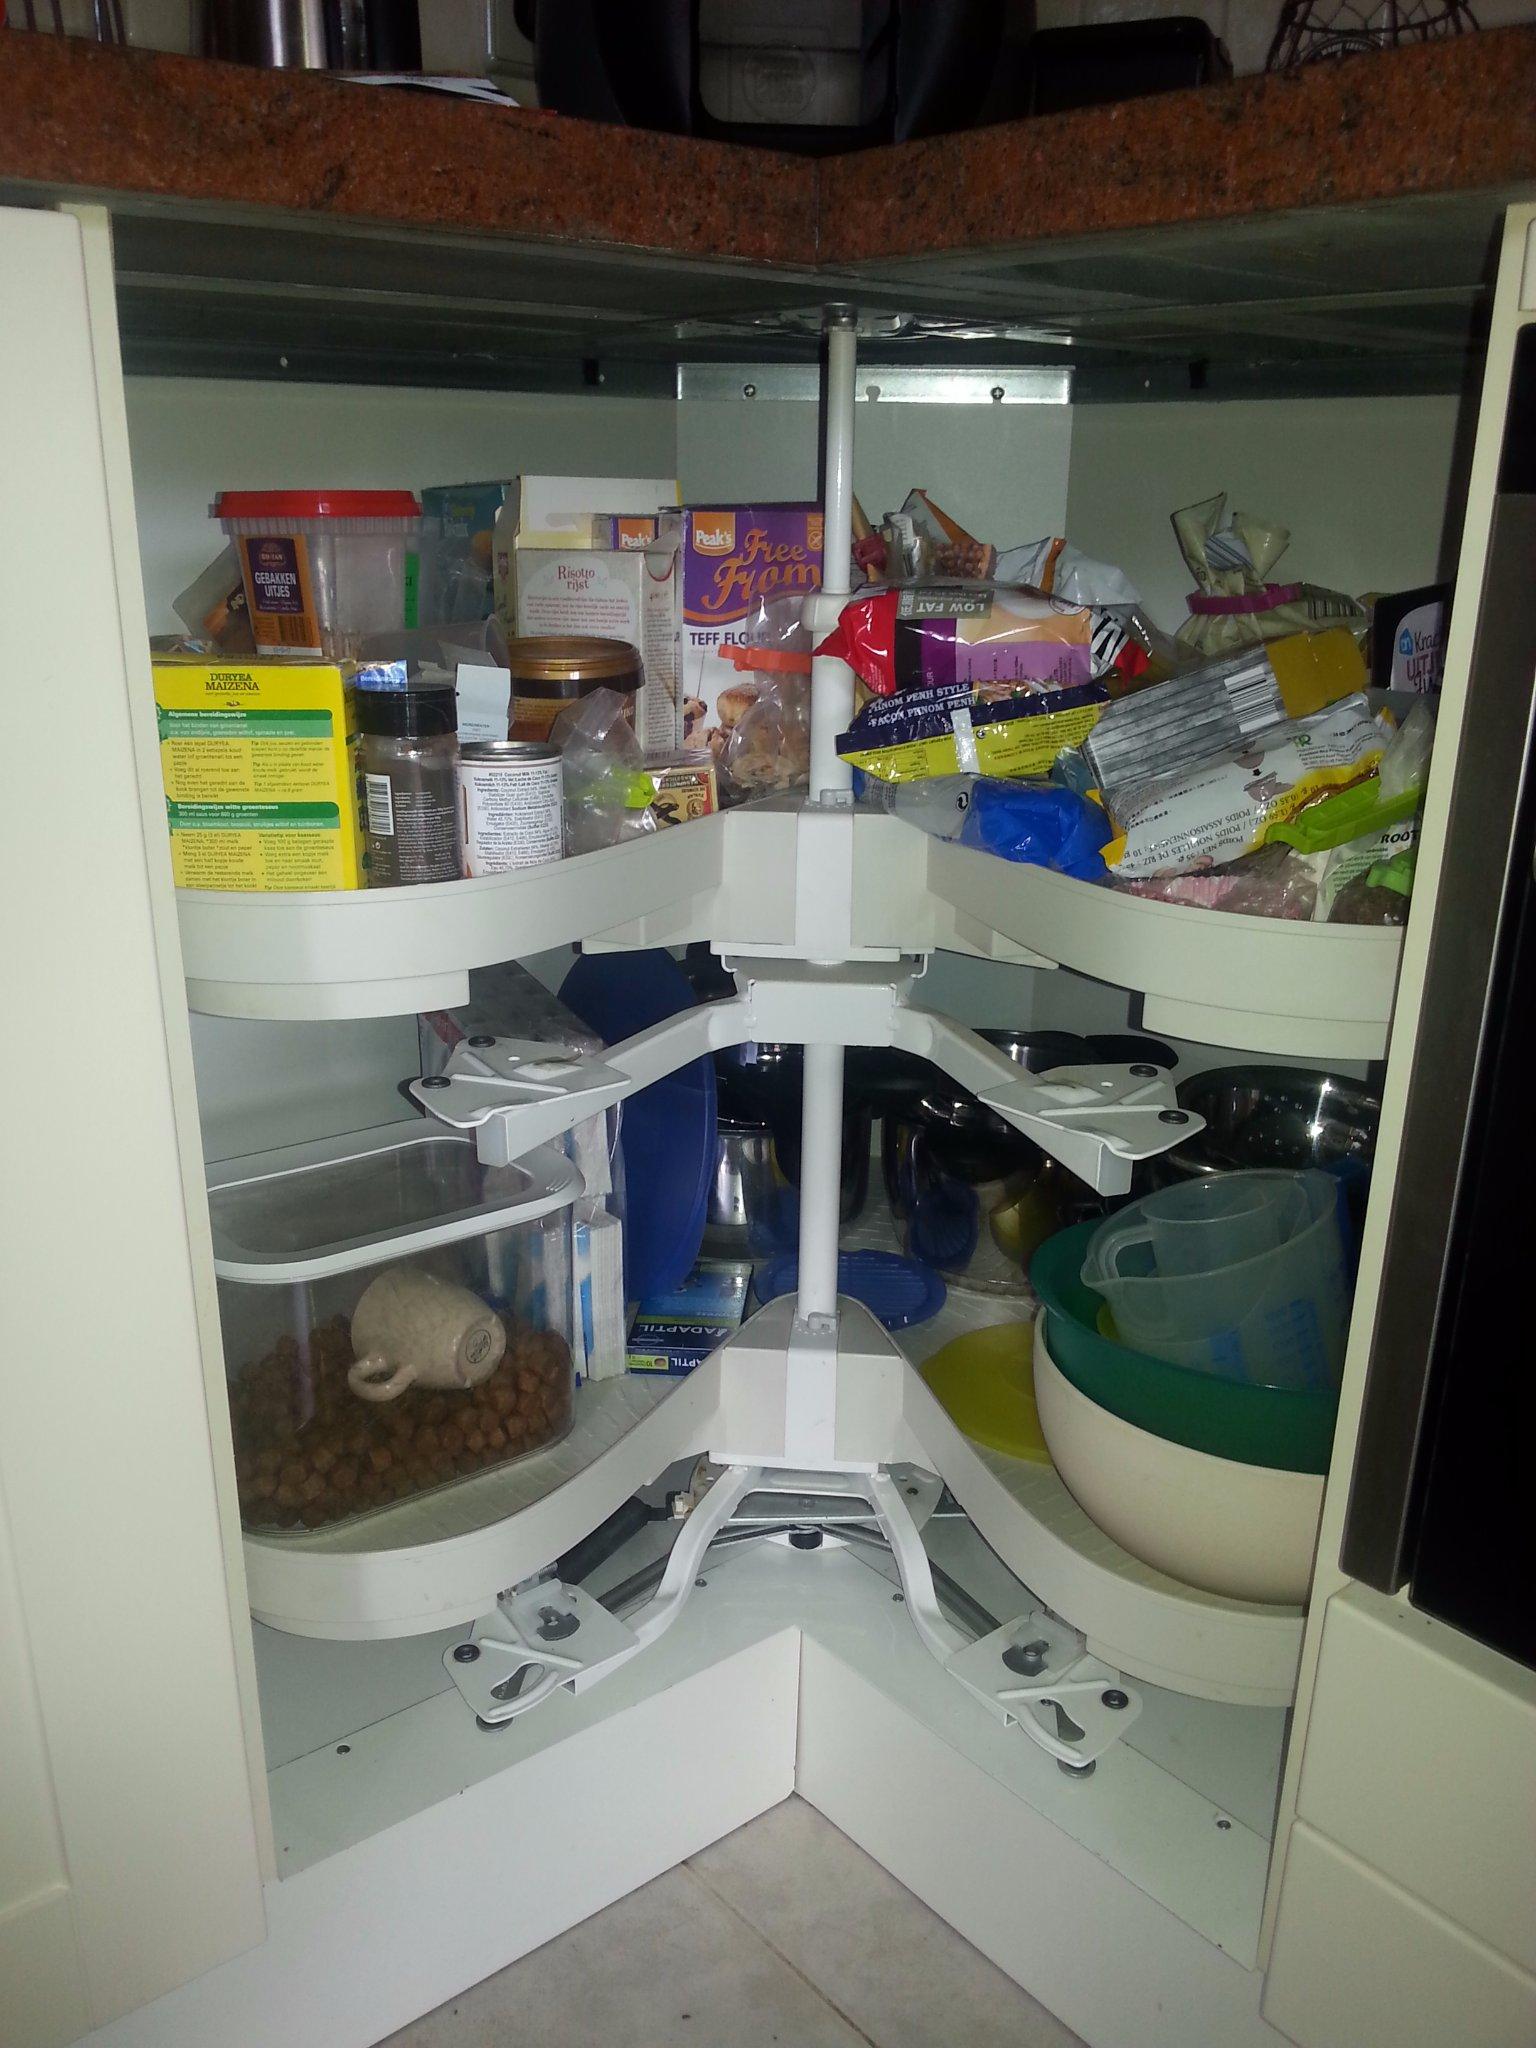 carrousel keuken afstellen : Deurtjes Carousselkast In De Keuken Plaatsen En Afstellen Werkspot